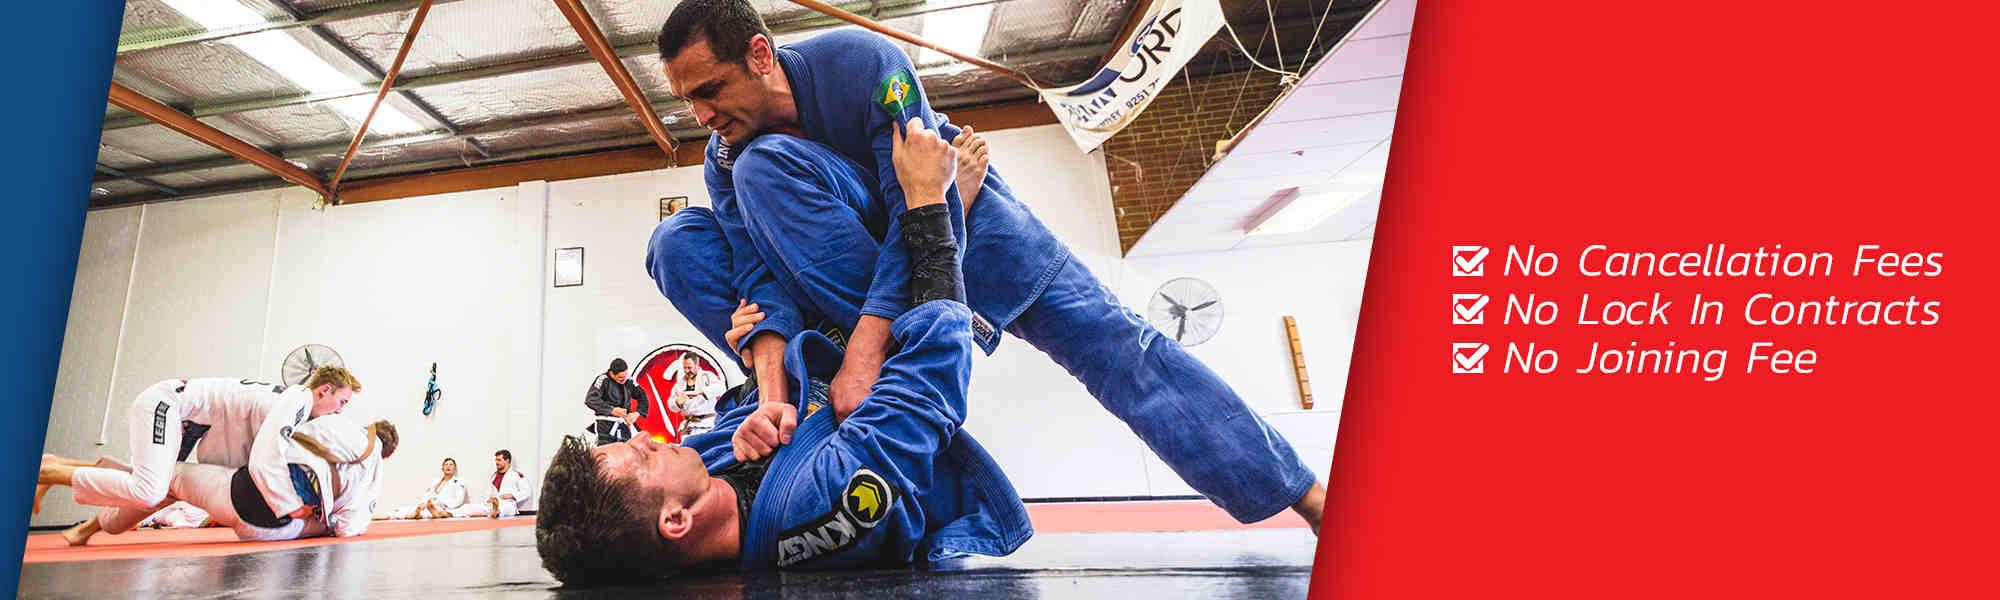 Martial Arts in Perth | Legion 13 Cannington, WA